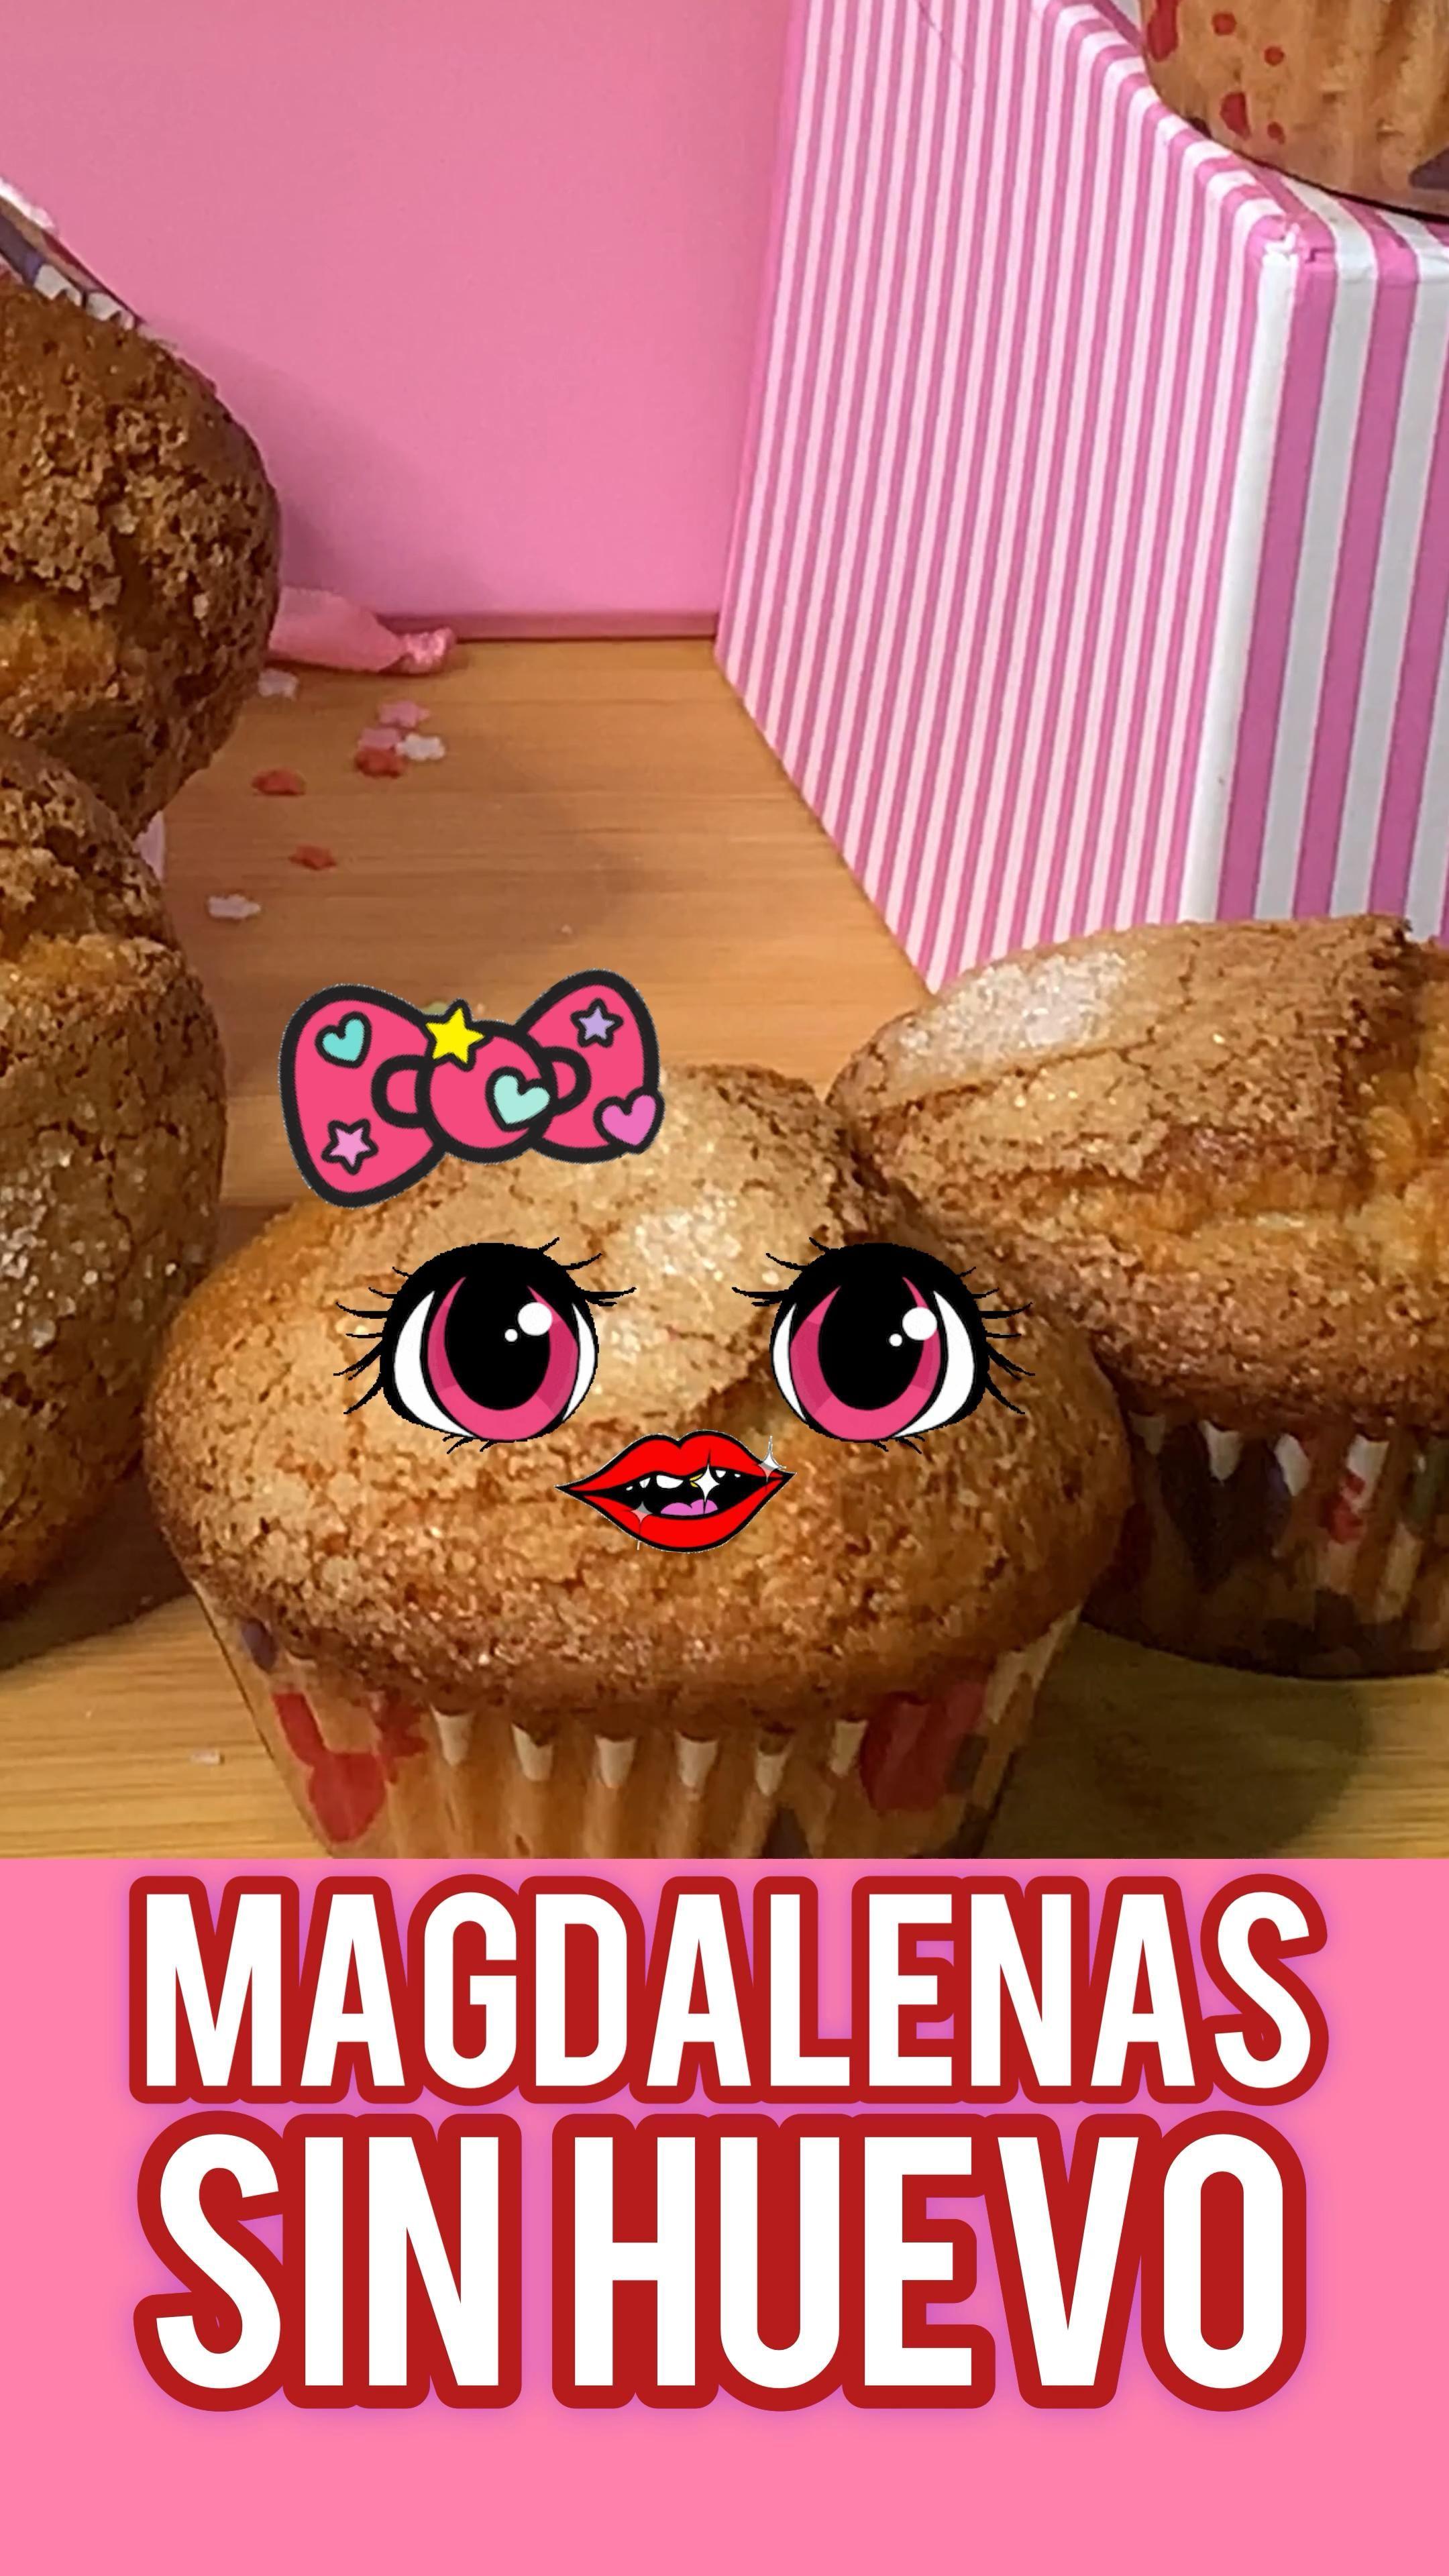 Mss Magdalena Sin Huevo Video En 2021 Magdalenas Magdalenas Caseras Recetas De Magdalenas